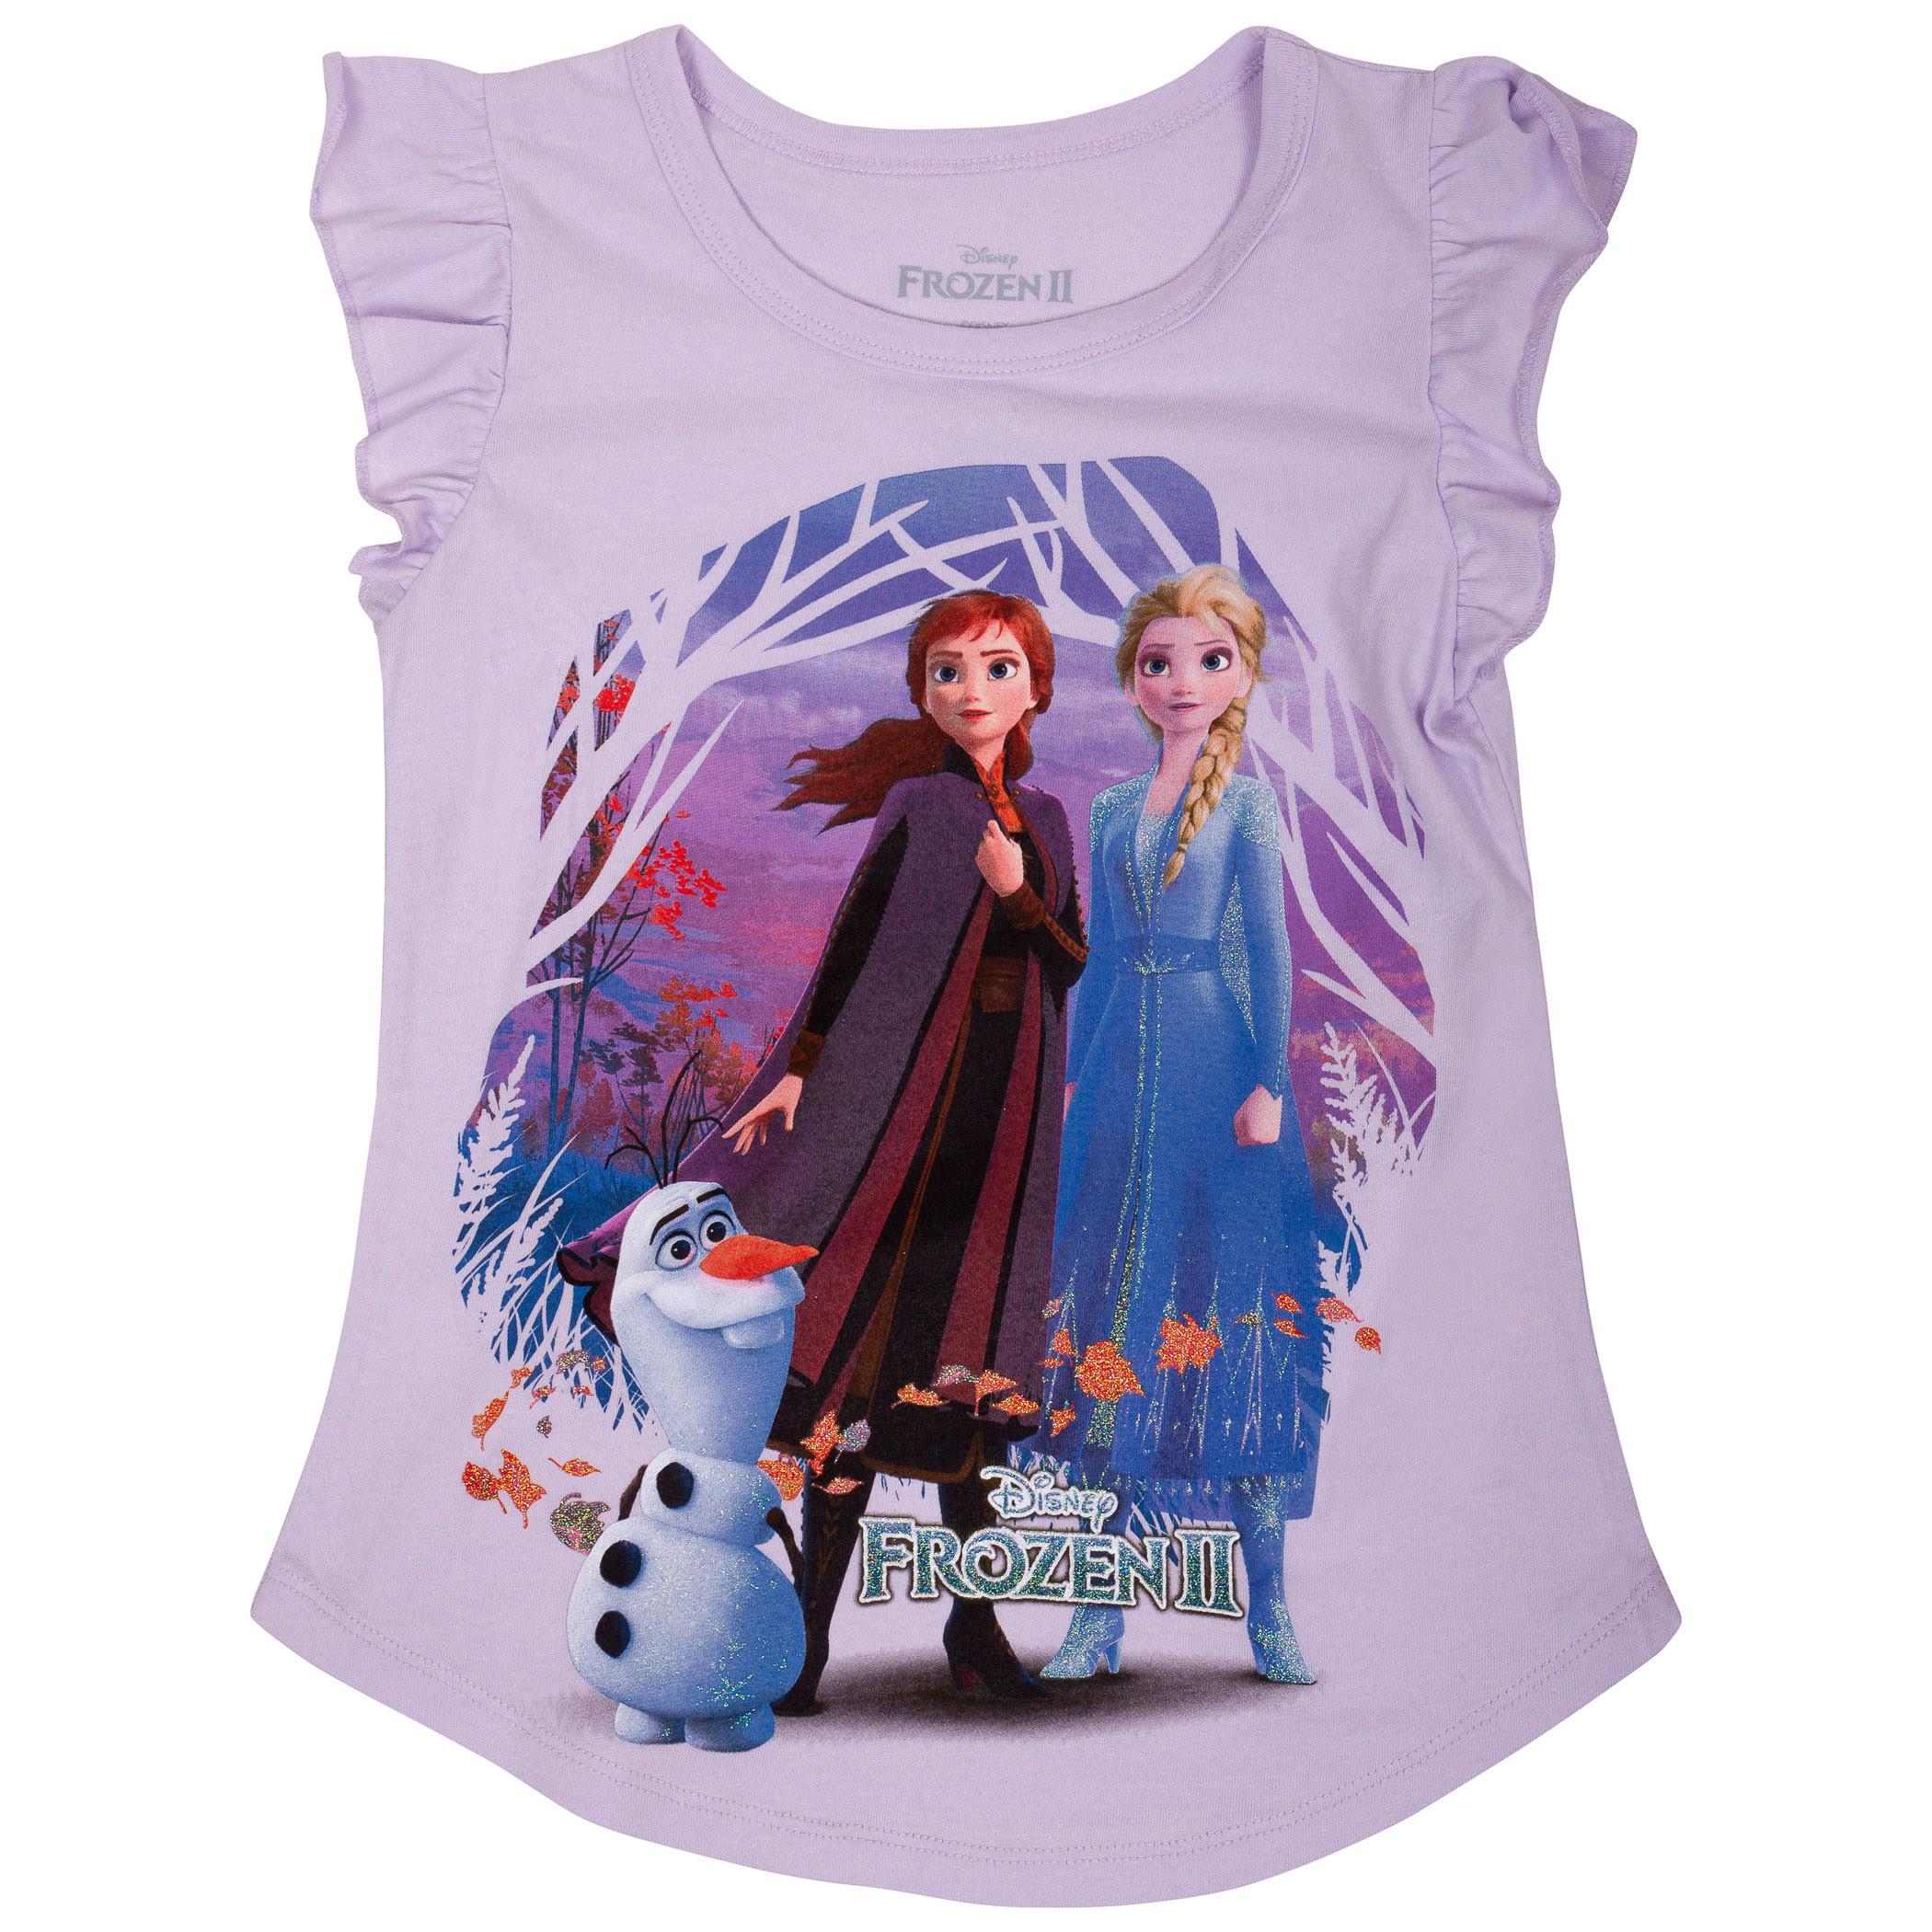 Frozen 2 Love Girls Shirt